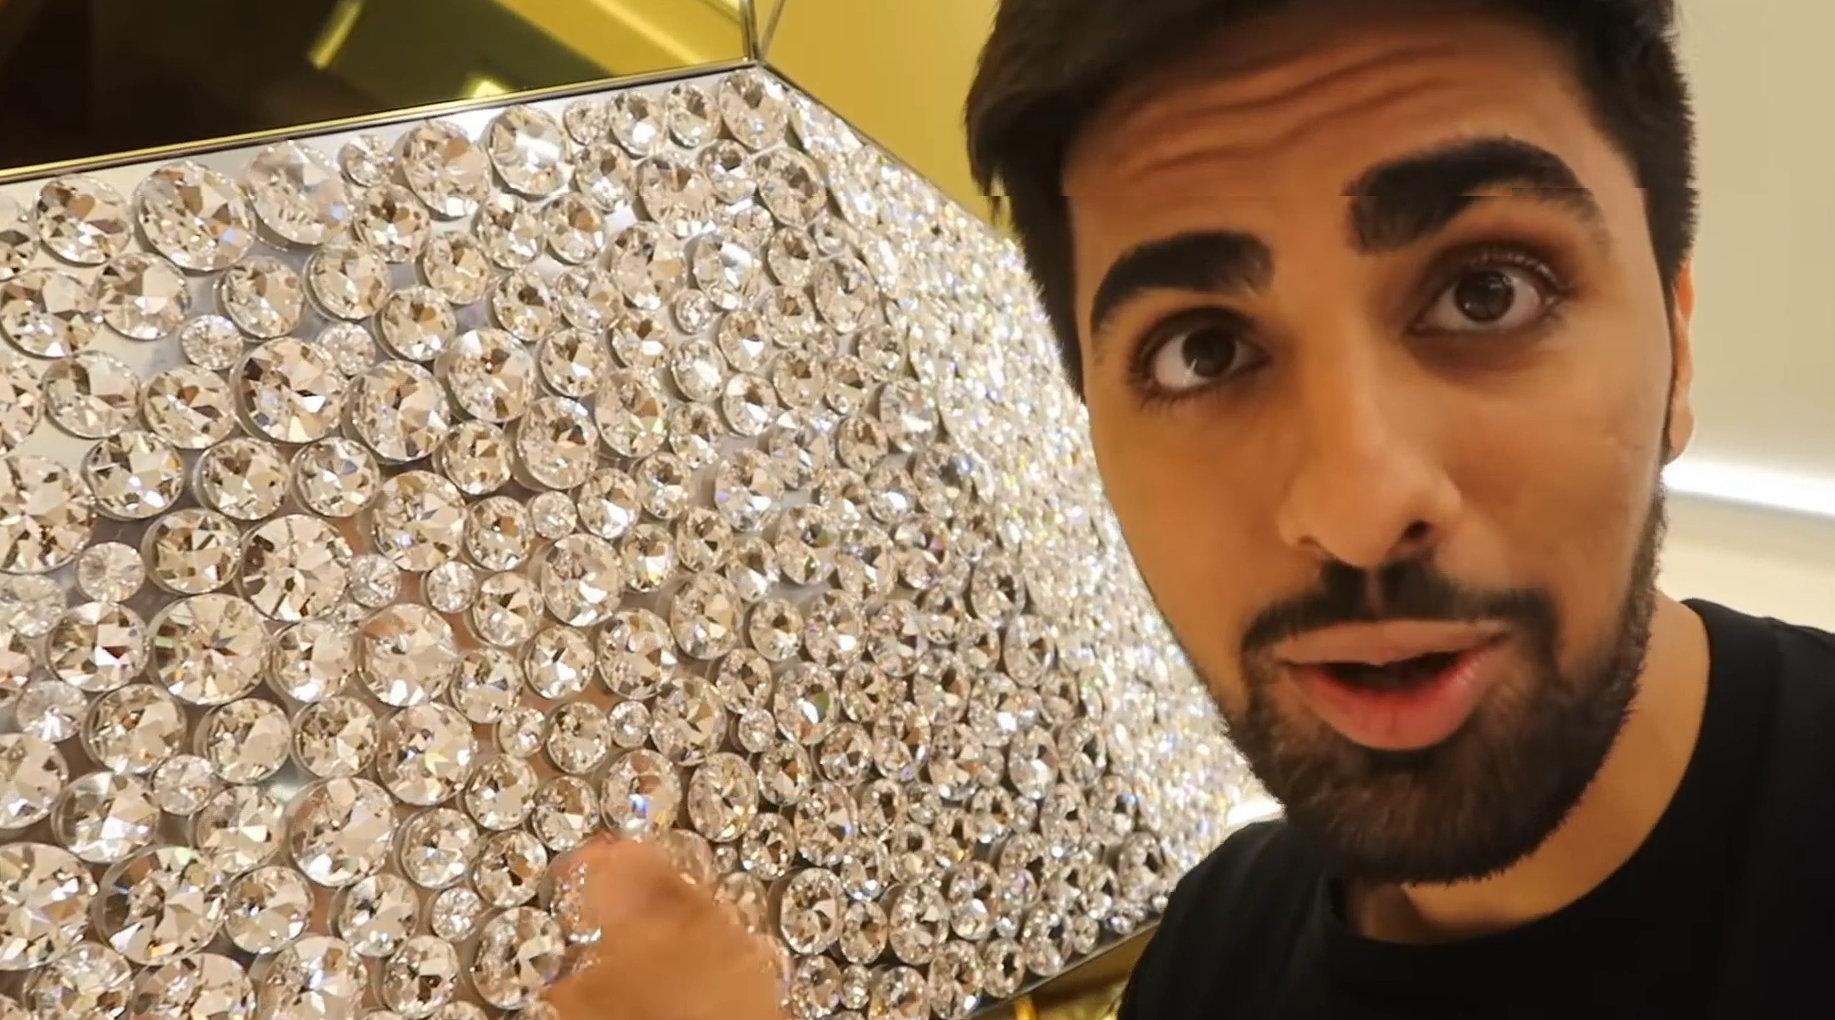 迪拜土豪秀房子,黄金水龙头不算什么,施华洛世奇水晶墙才叫奢侈